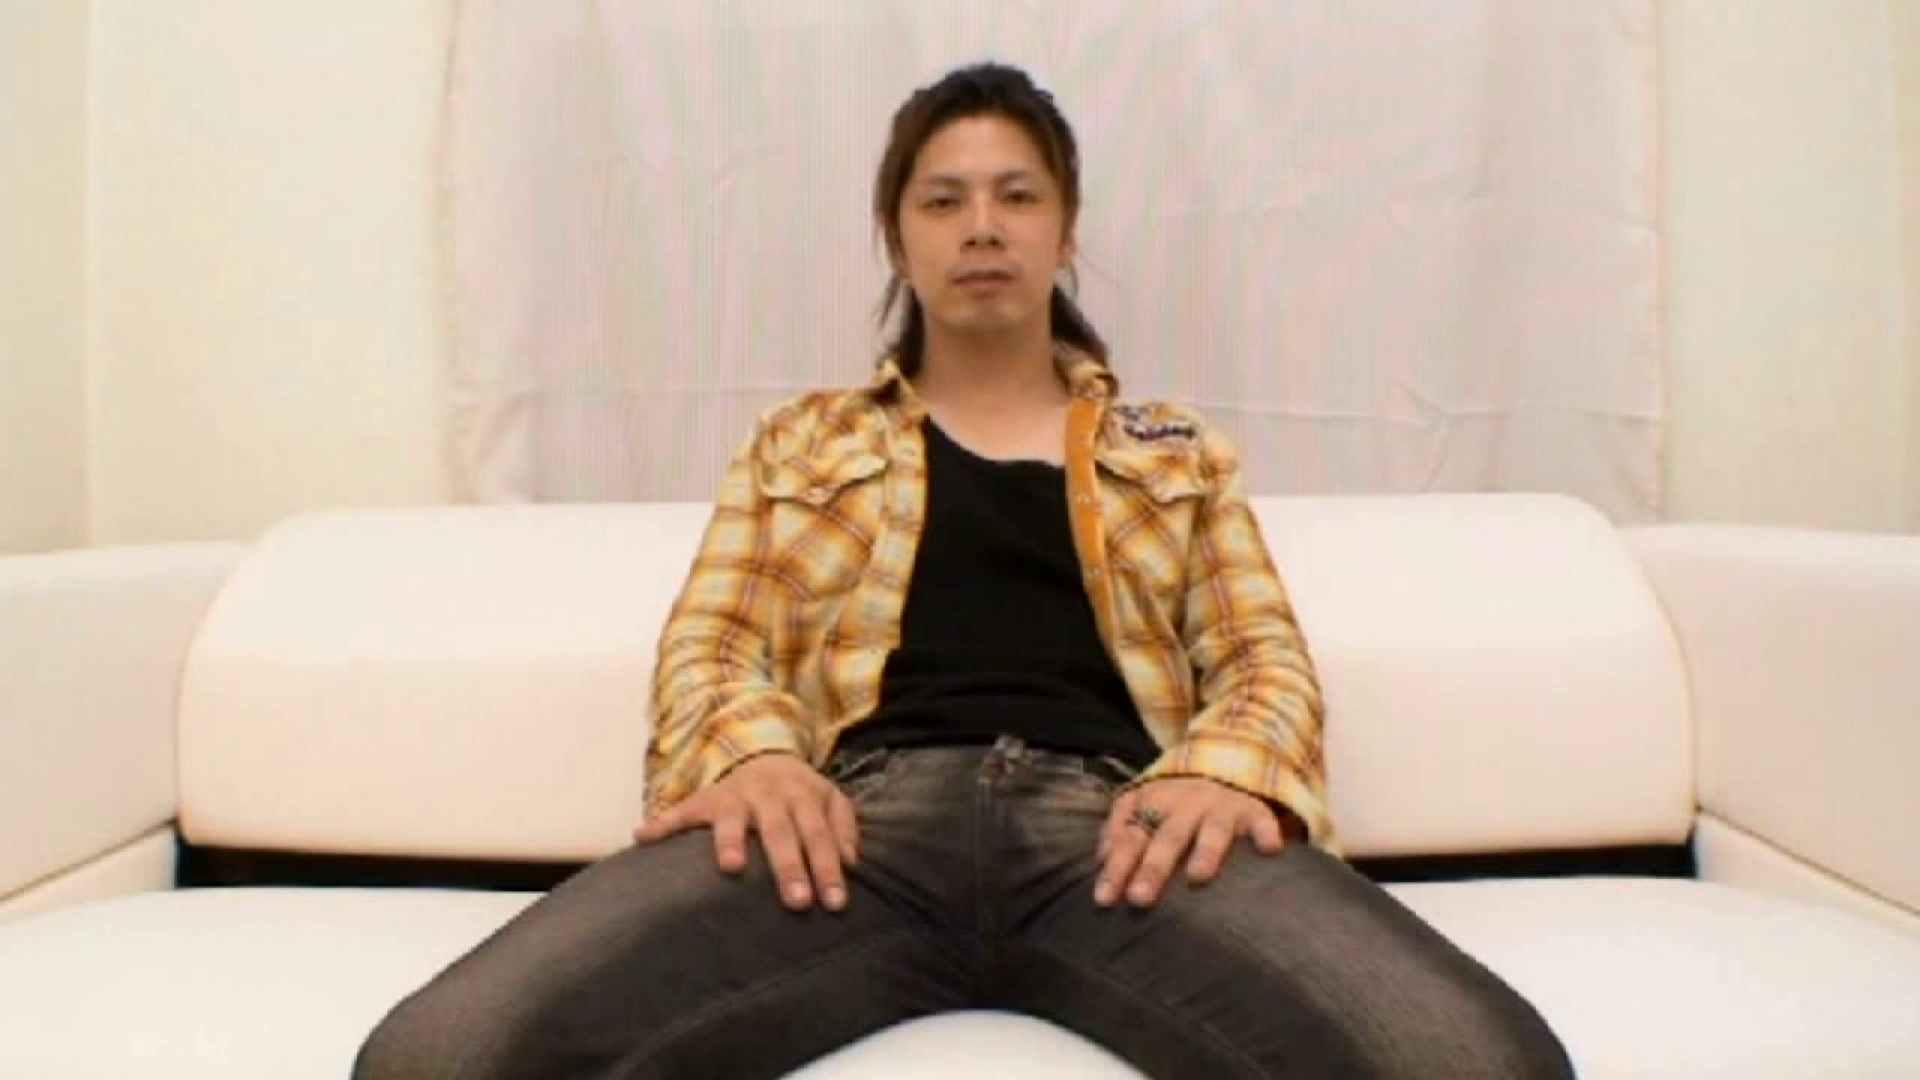 ノンケ!自慰スタジオ No.18 ゲイの自慰 ゲイエロ動画 110pic 39